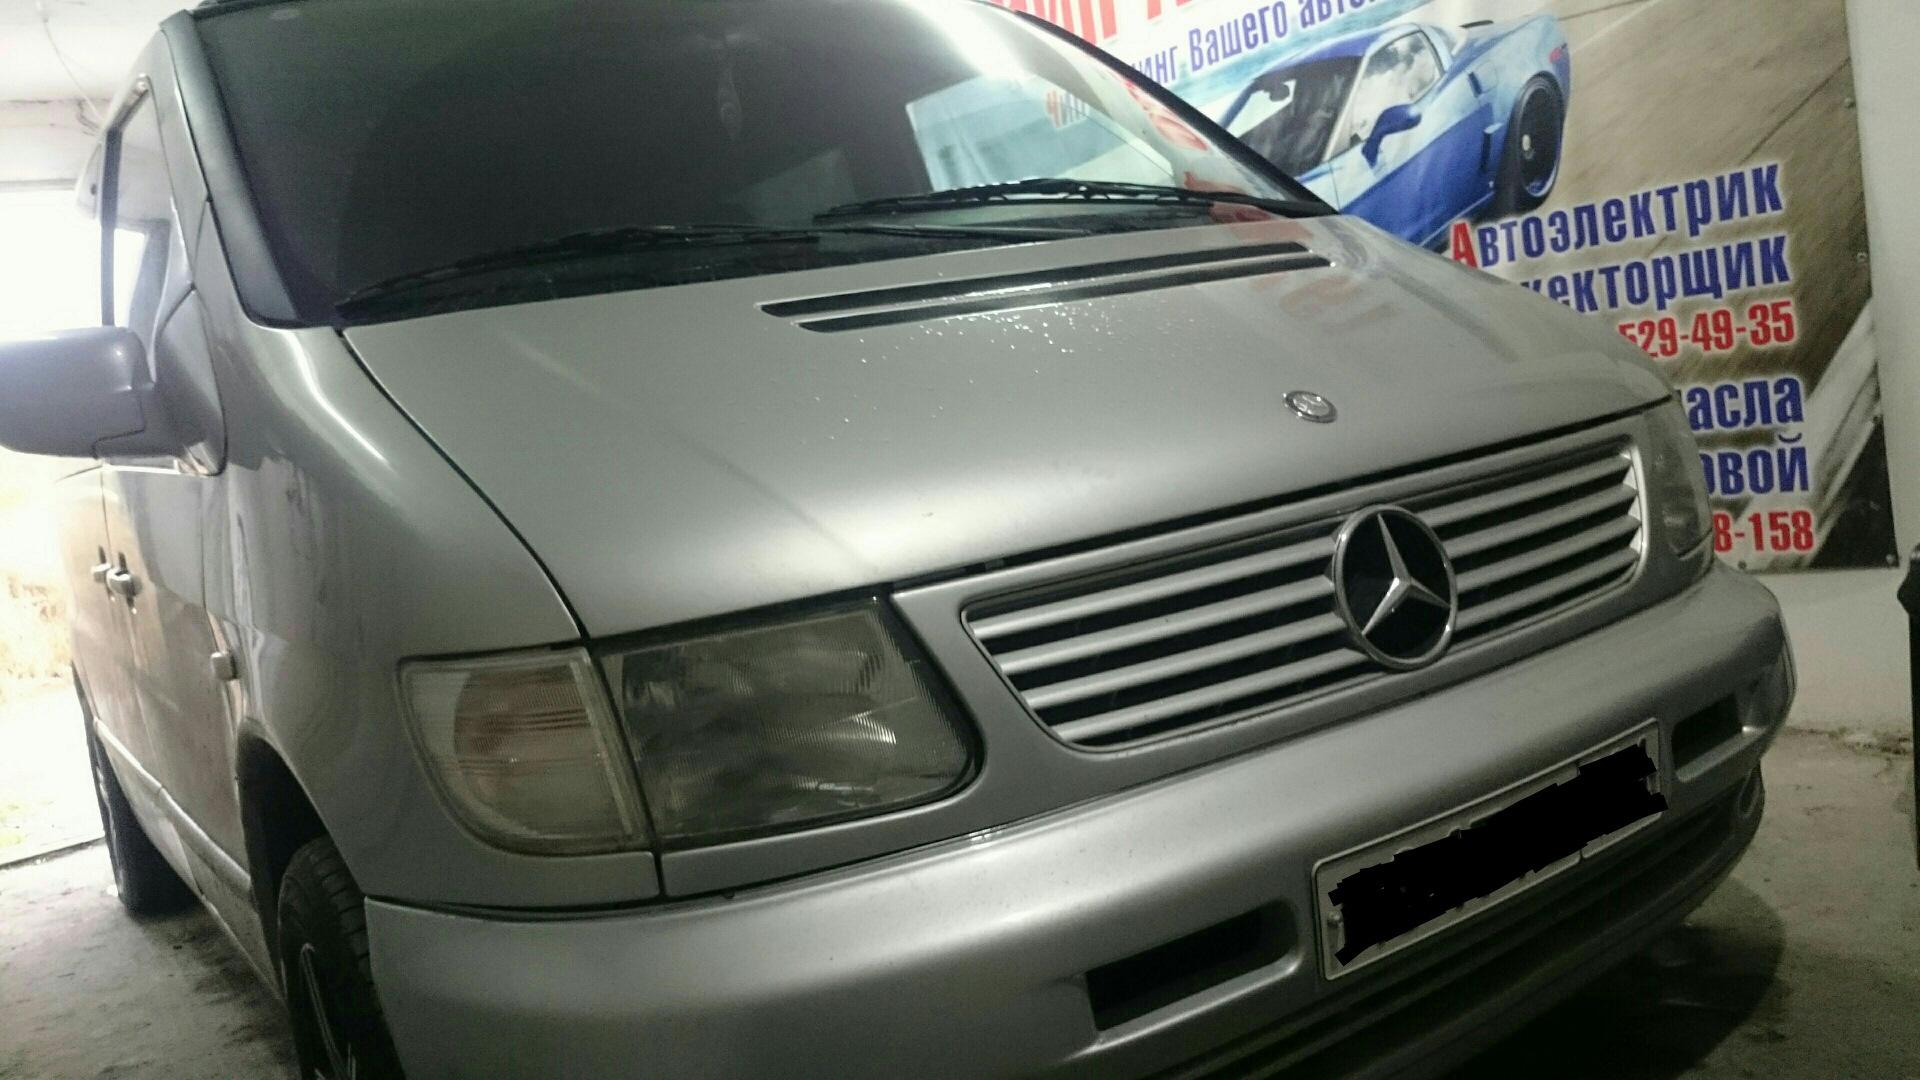 Тюнинг автомобилей вито cdi купить дополнительные тюнинг приборы для автомобиля